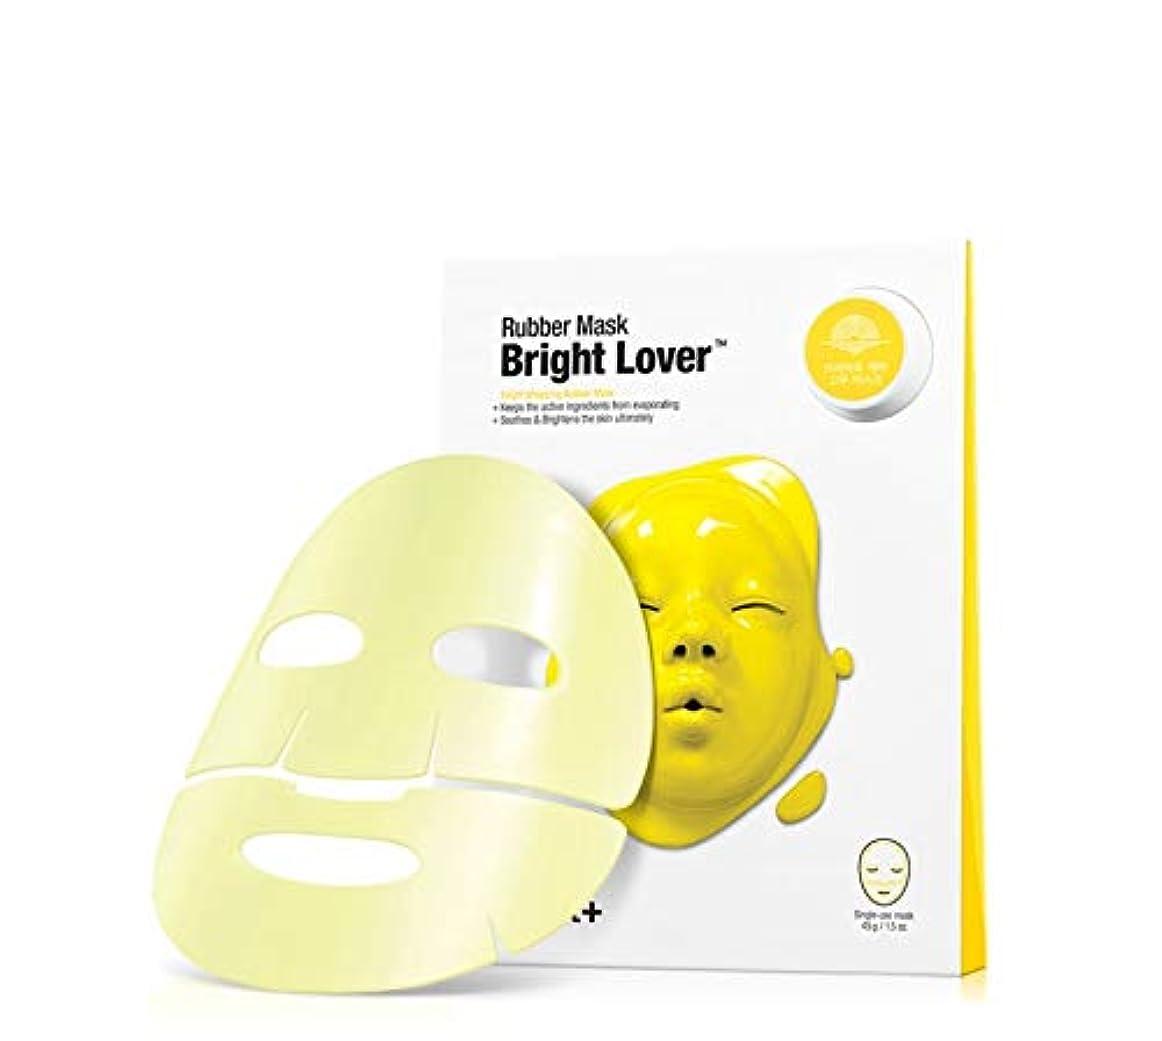 石化する病的ゴルフDr. Jart Dermask Rubber Mask 1.5oz 1pcs (Bright Lover)